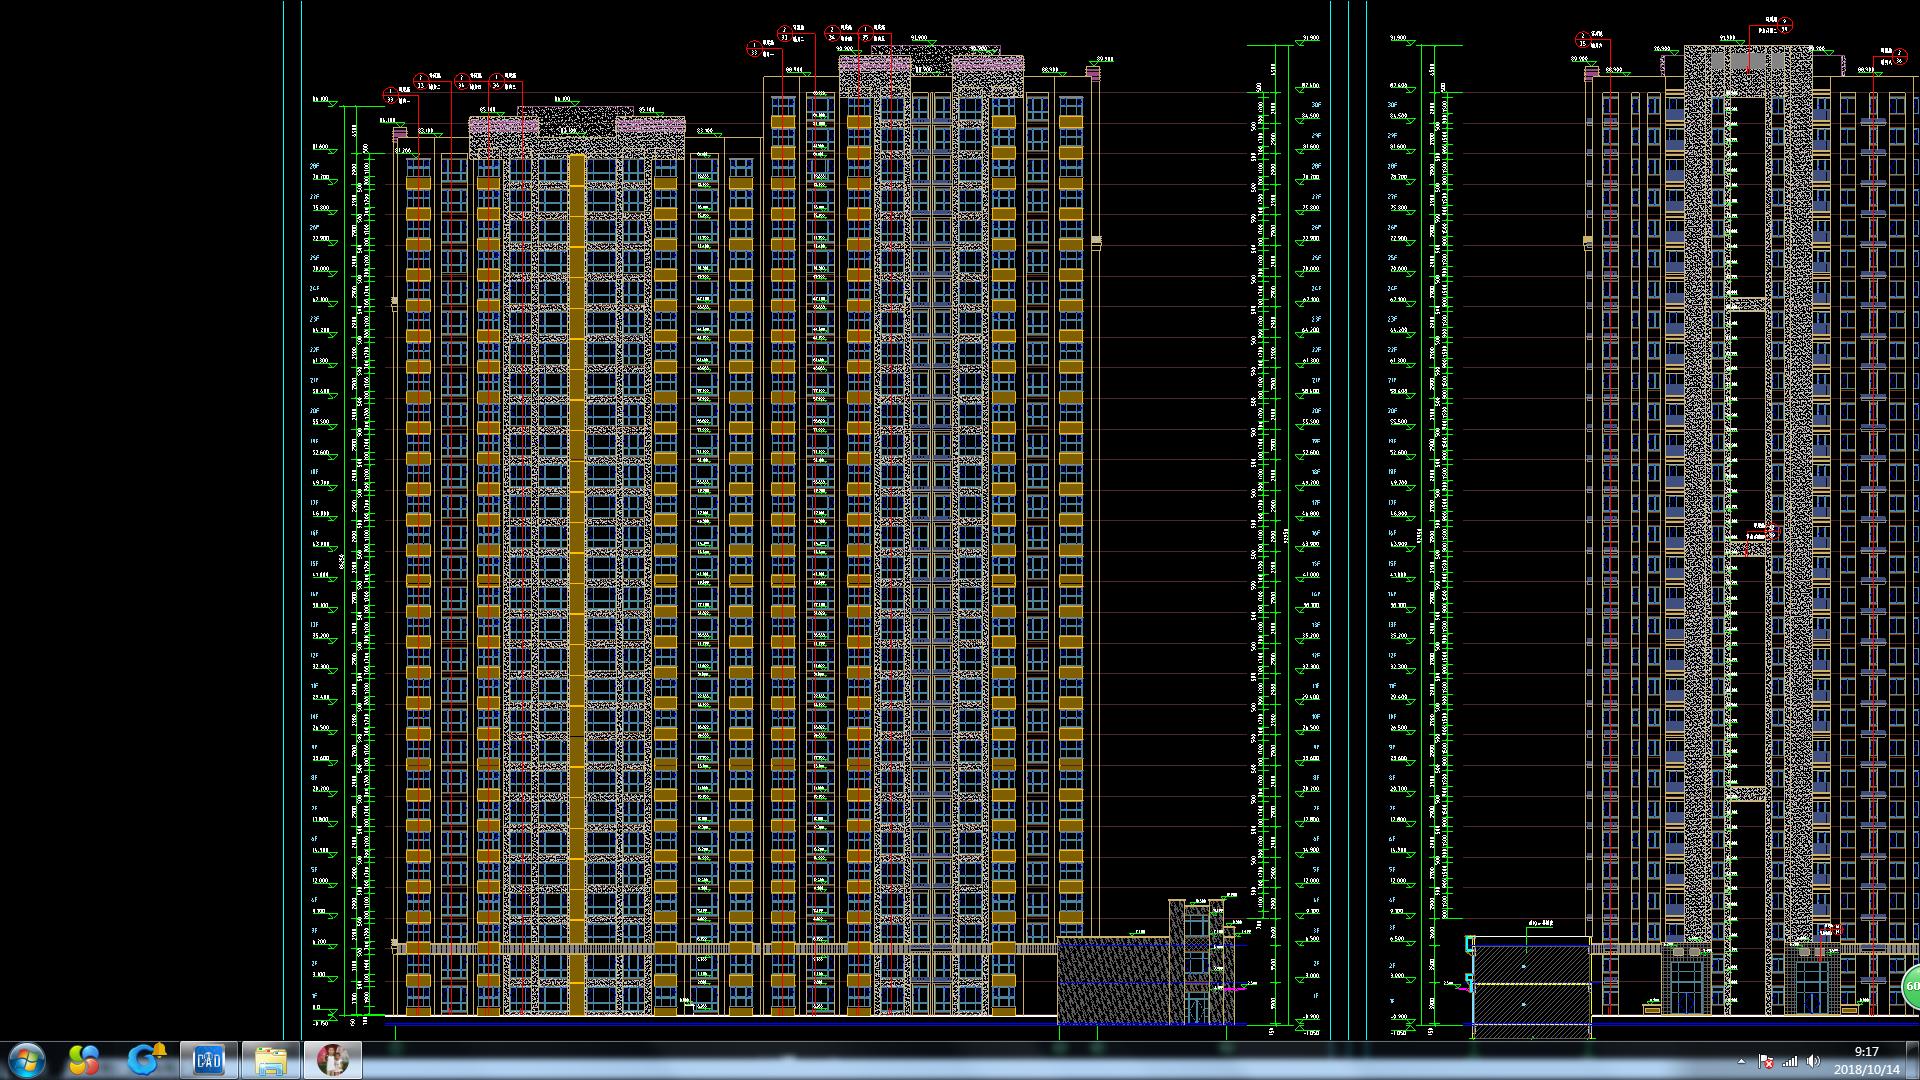 像我这一栋楼的图纸高度改按算设计师檐口图森图片